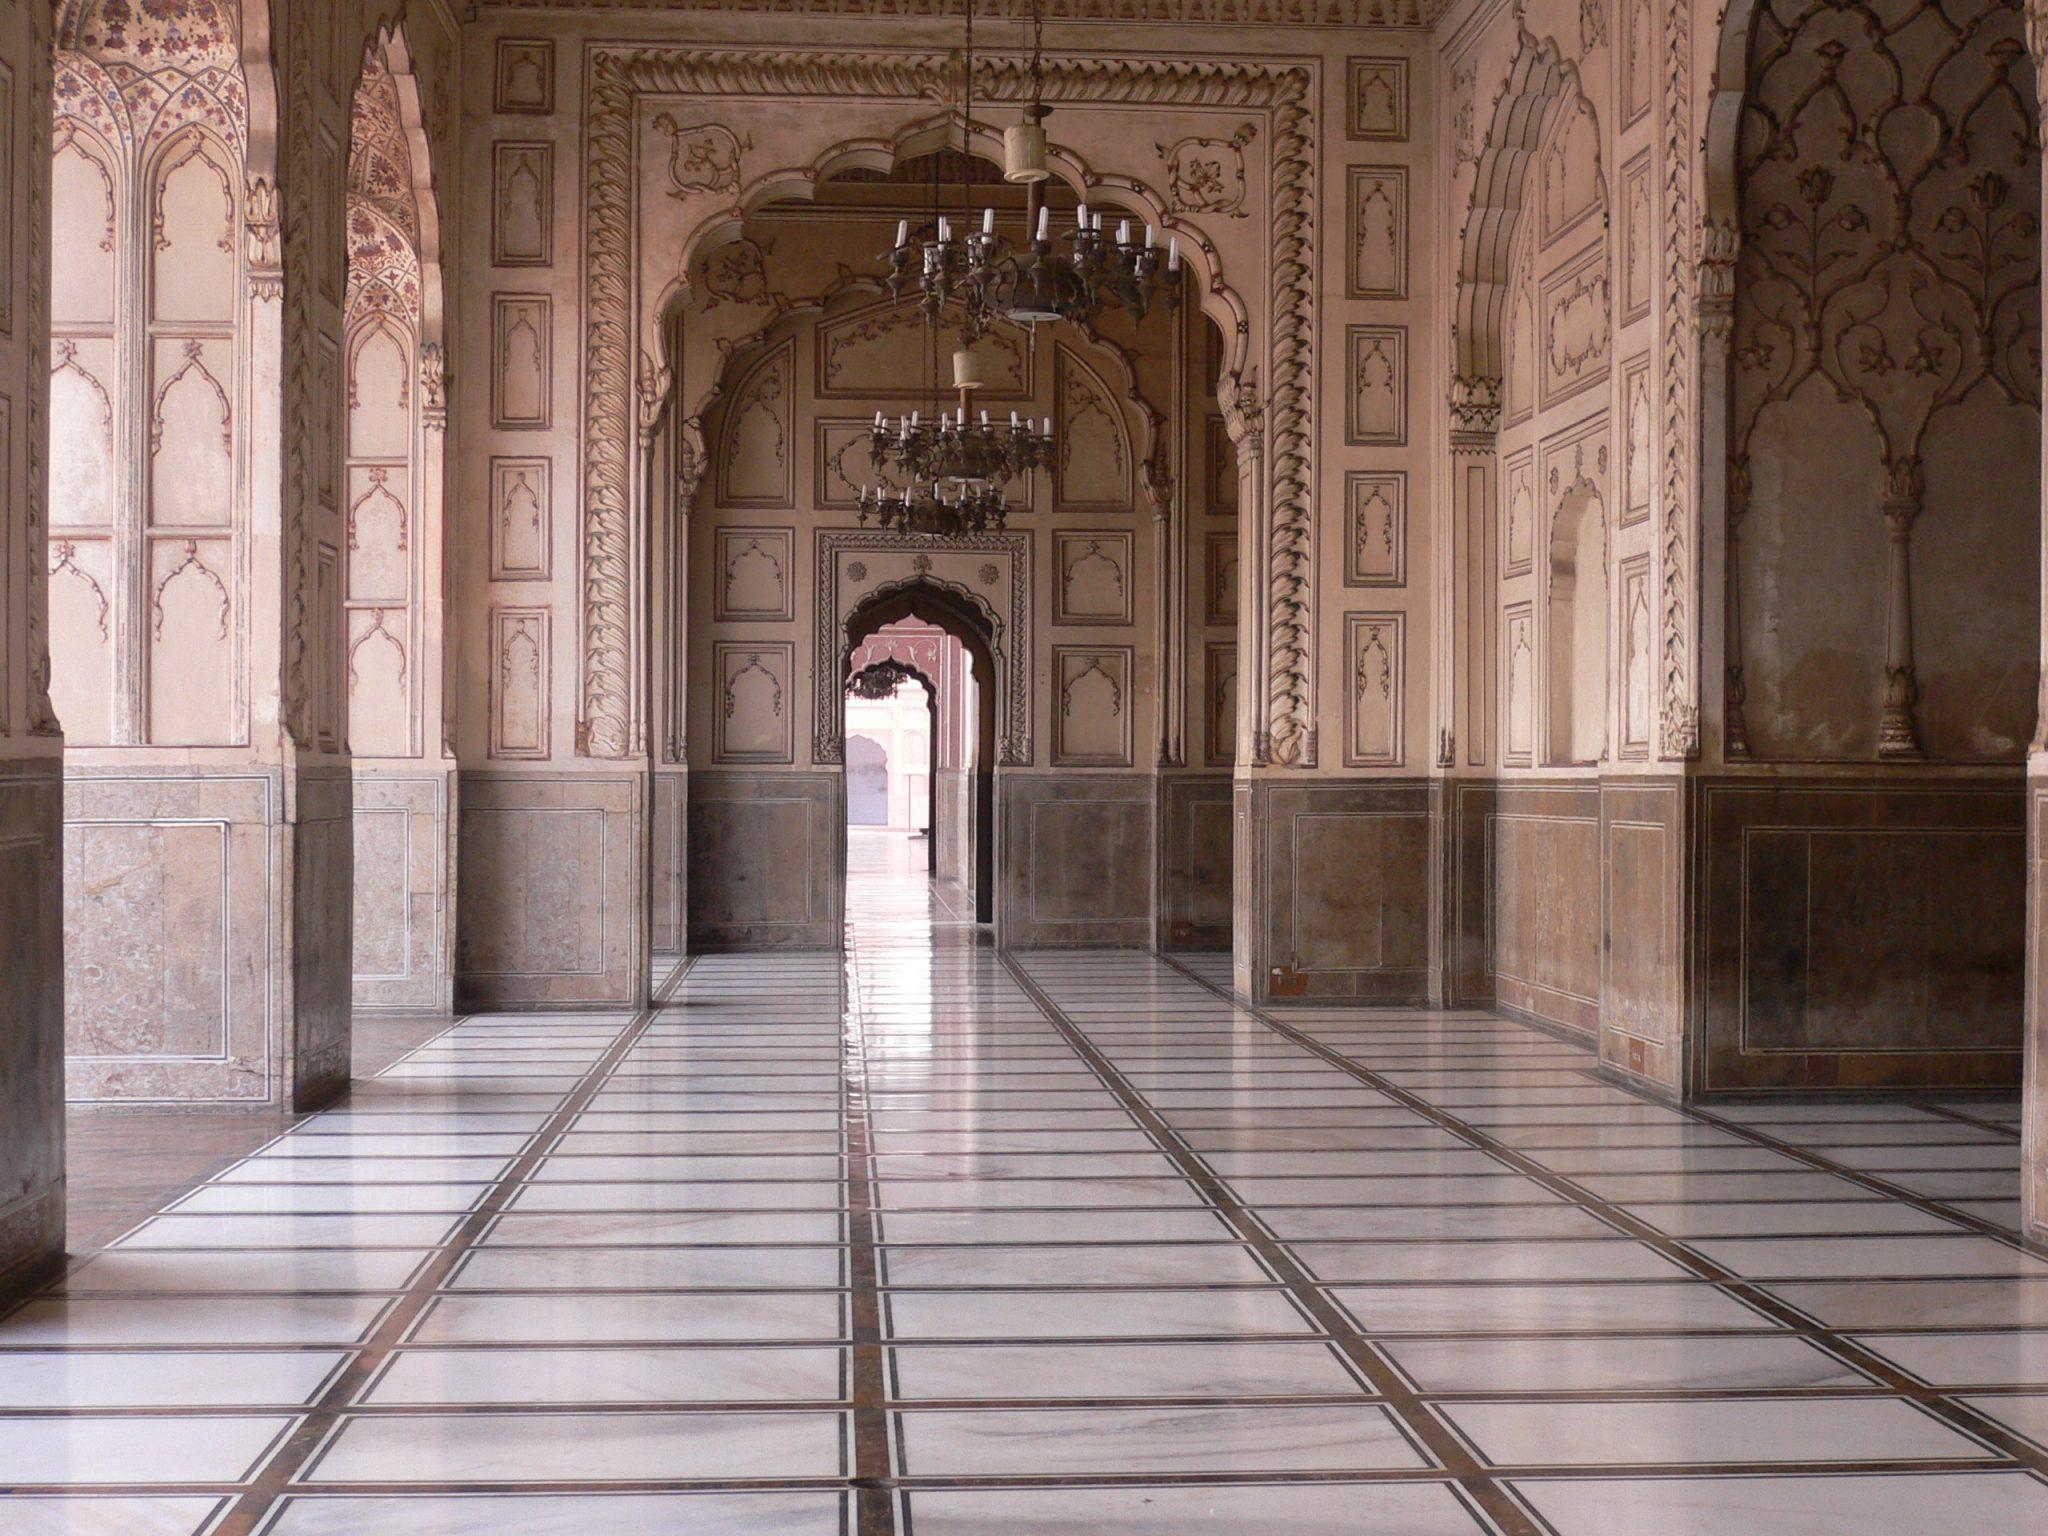 Badshahi_Mosque,_Lahore